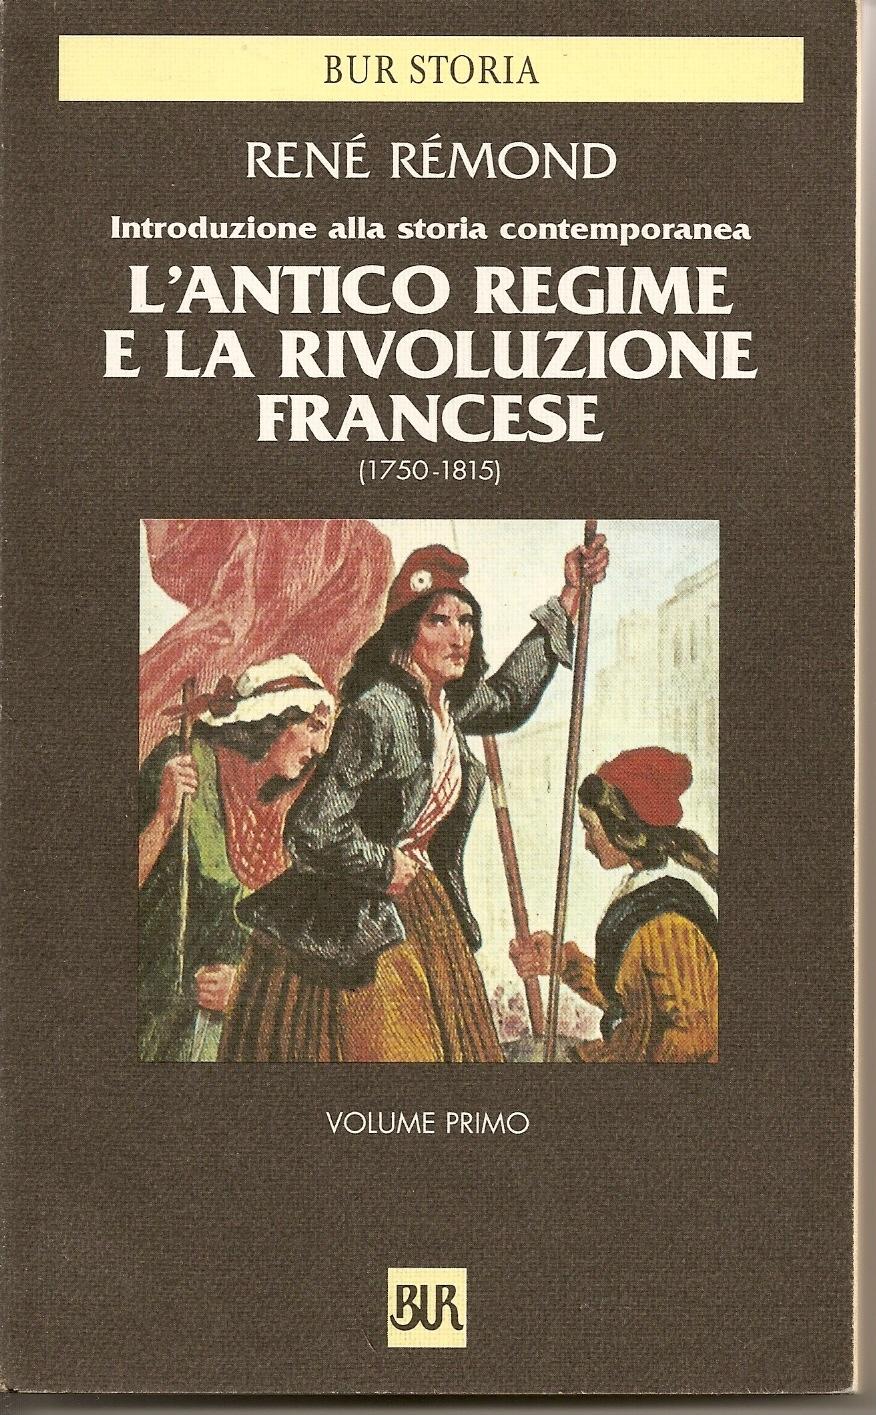 L'Antico regime e la Rivoluzione francese (1750-1815)